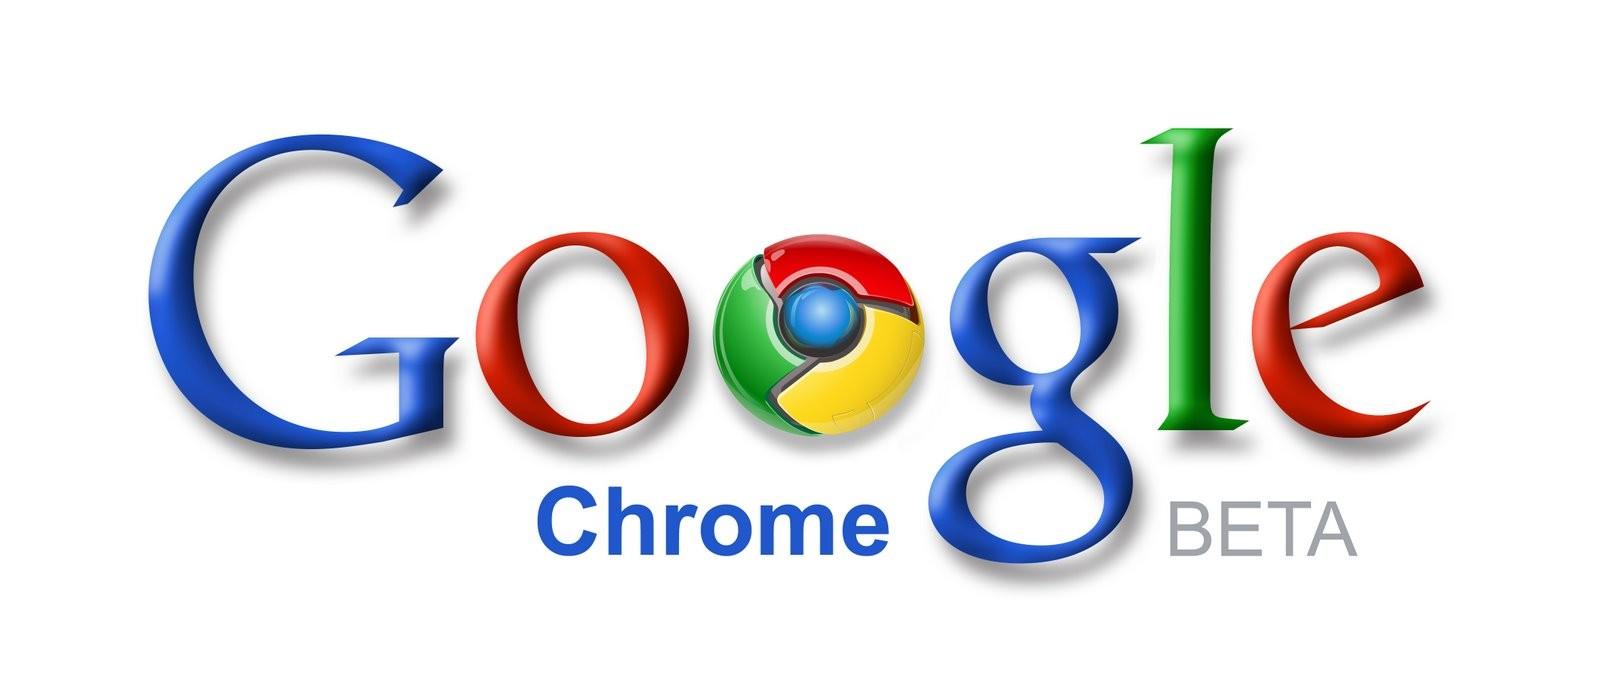 دانلود نسخه جدید Google Chrome با لینک مستقیم از نارمک دانلود